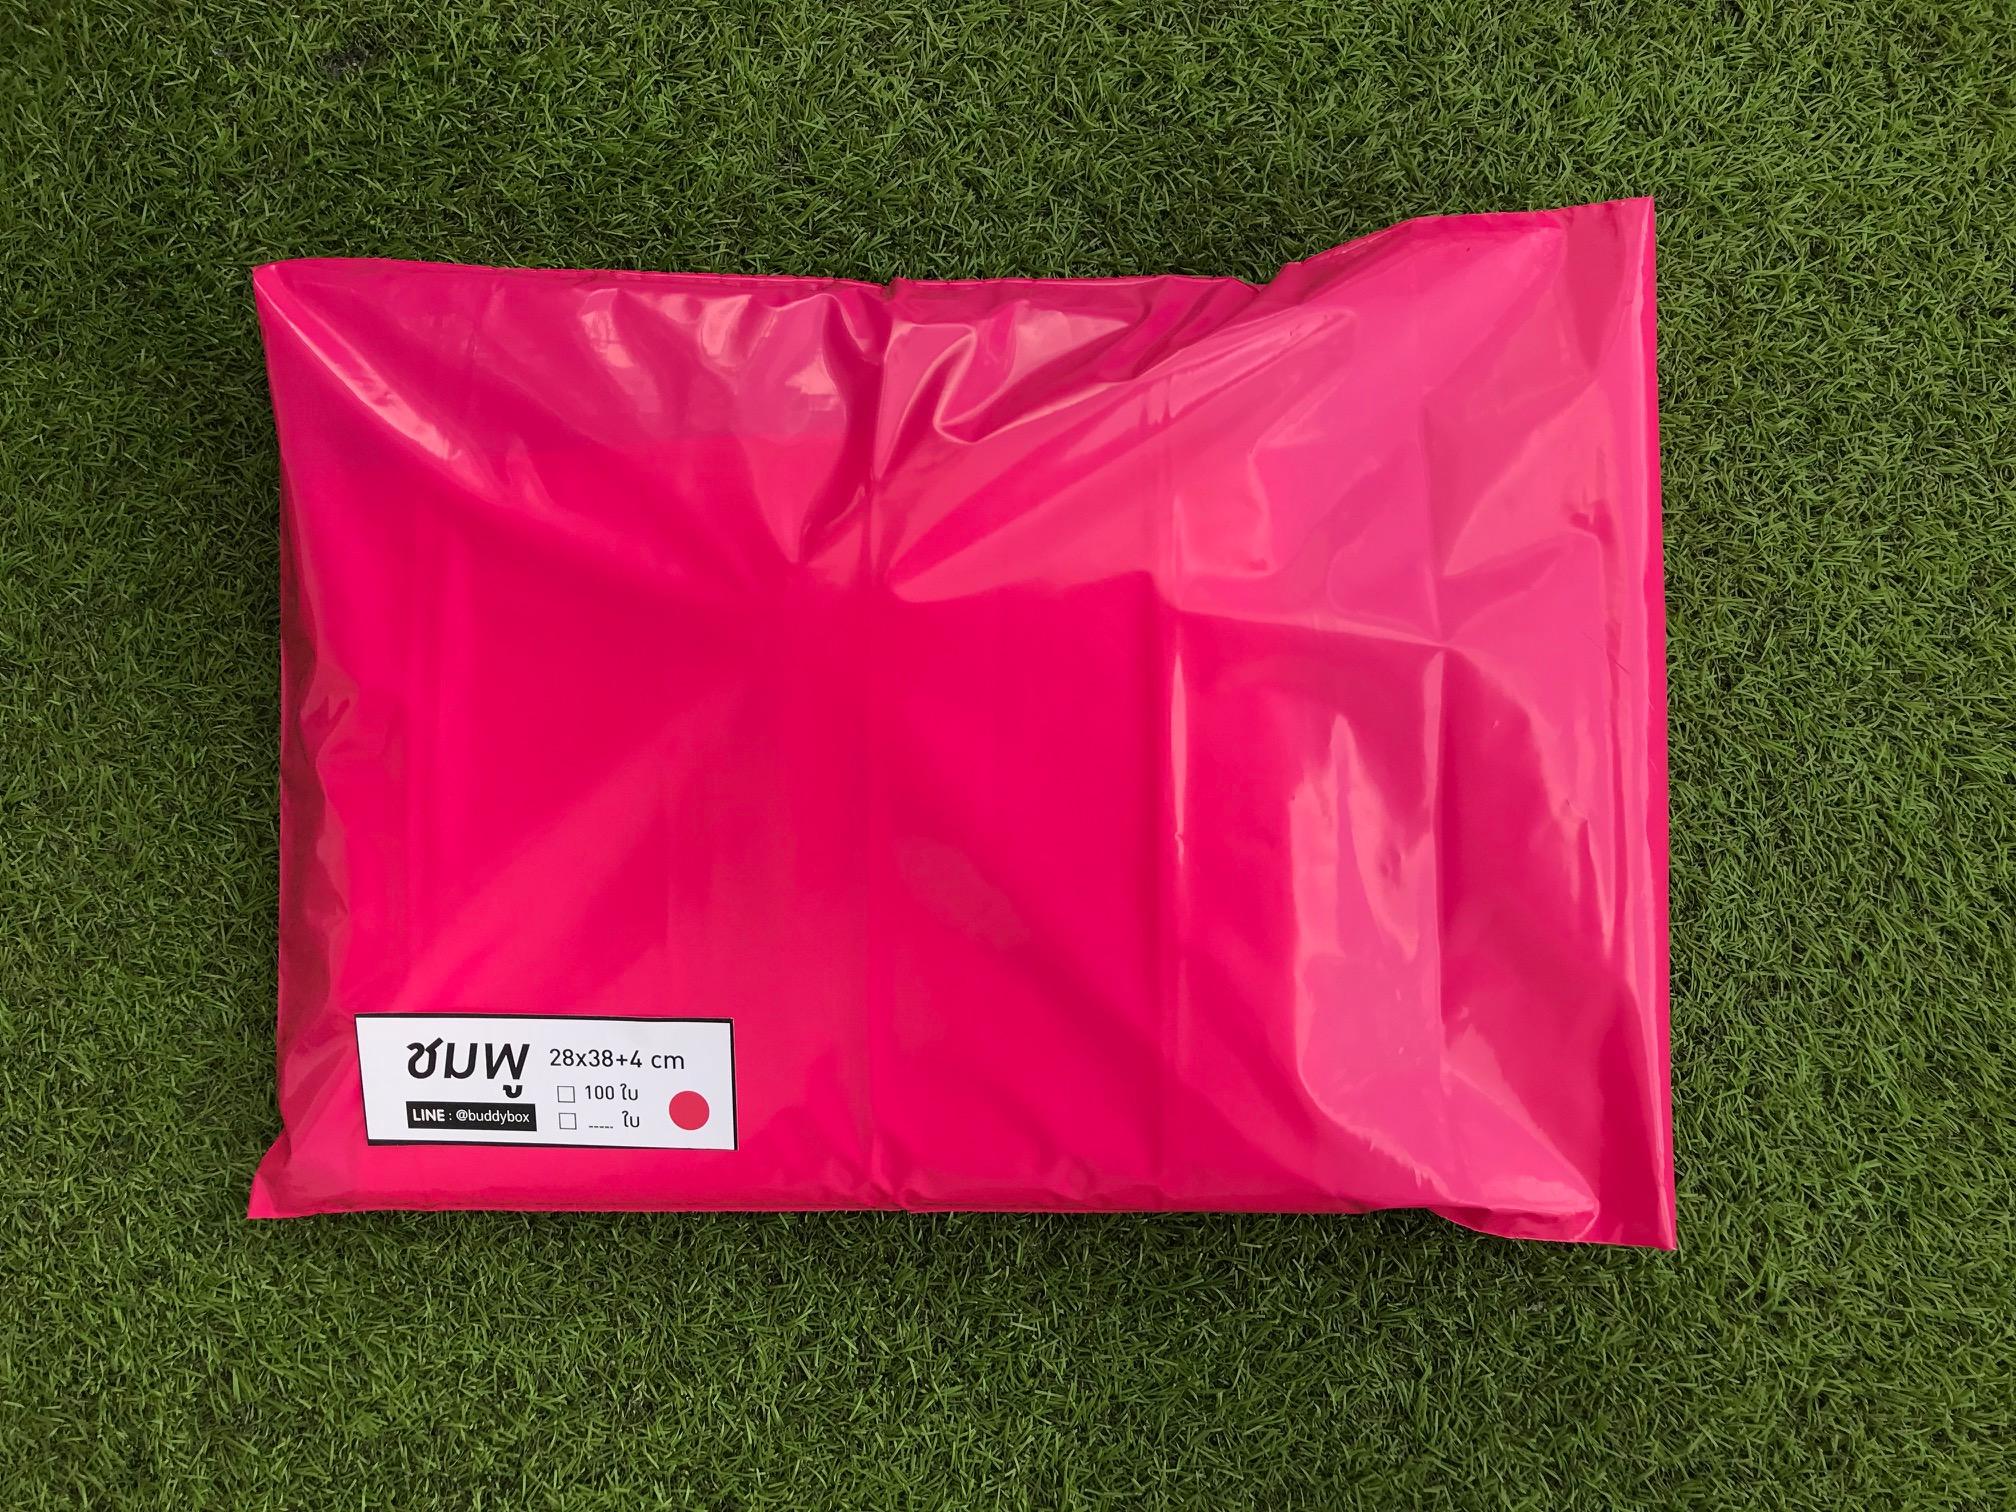 แพค 100 ใบ ซองไปรษณีย์พลาสติก สีชมพู ขนาด 28x38+4 cm เกรดA